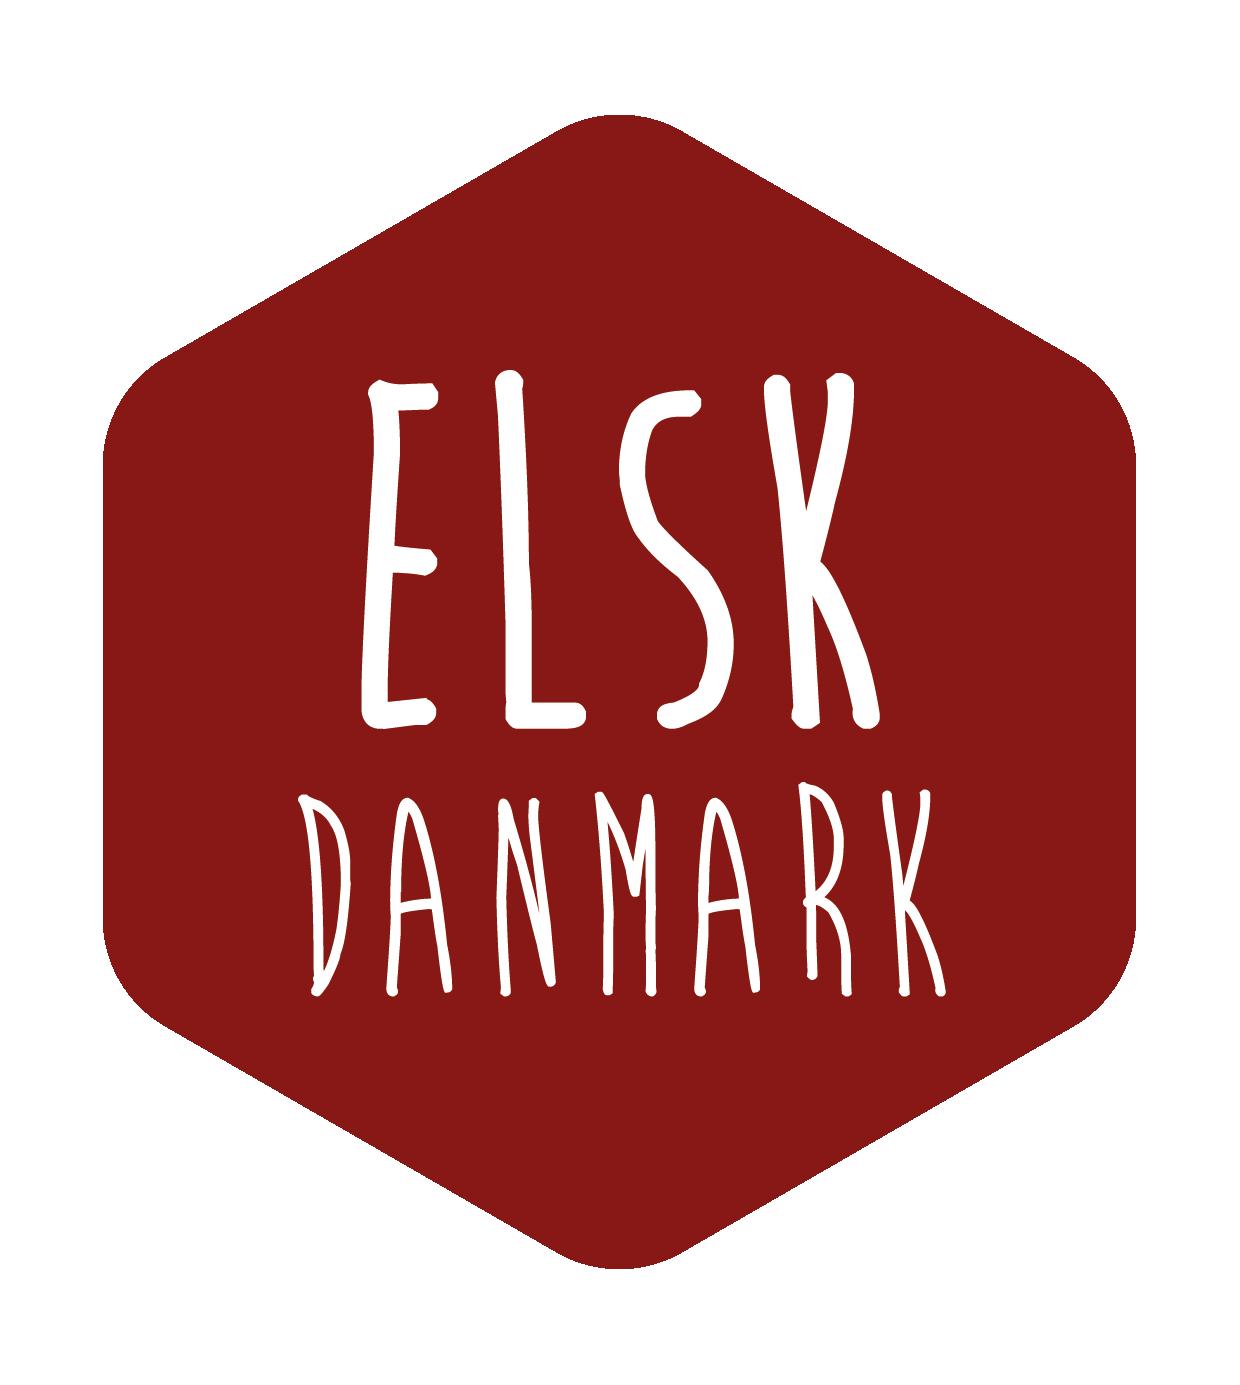 Elsk Danmark